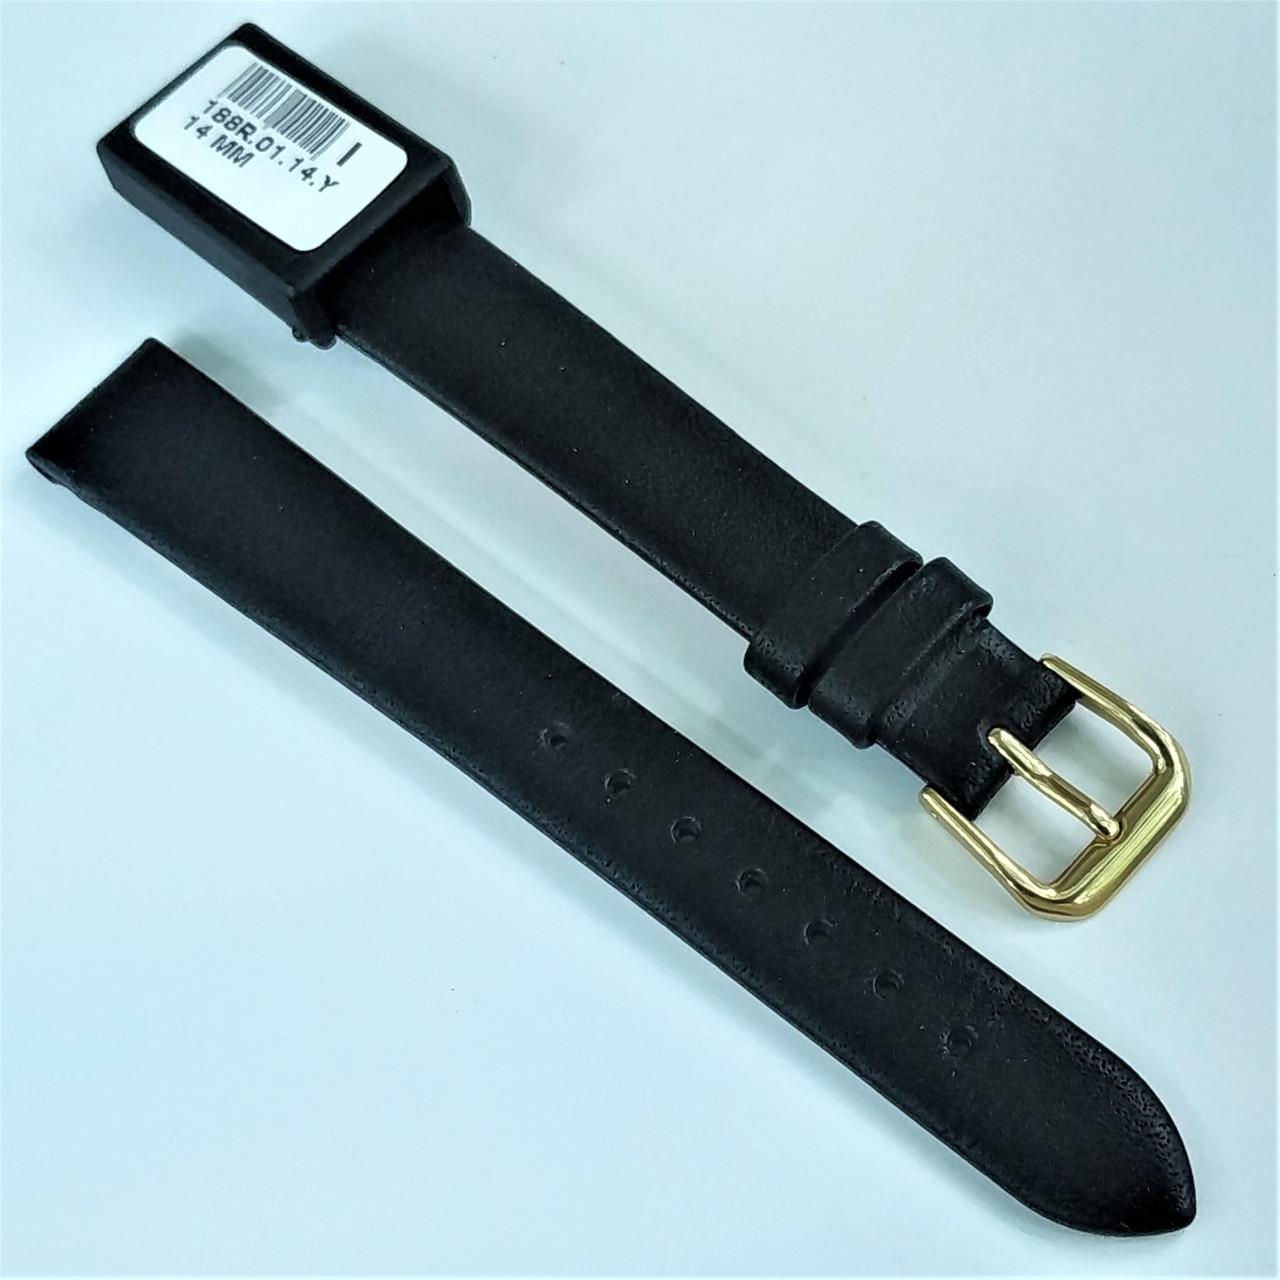 14 мм Кожаный Ремешок для часов CONDOR 188.14.01 Черный Ремешок на часы из Натуральной кожи